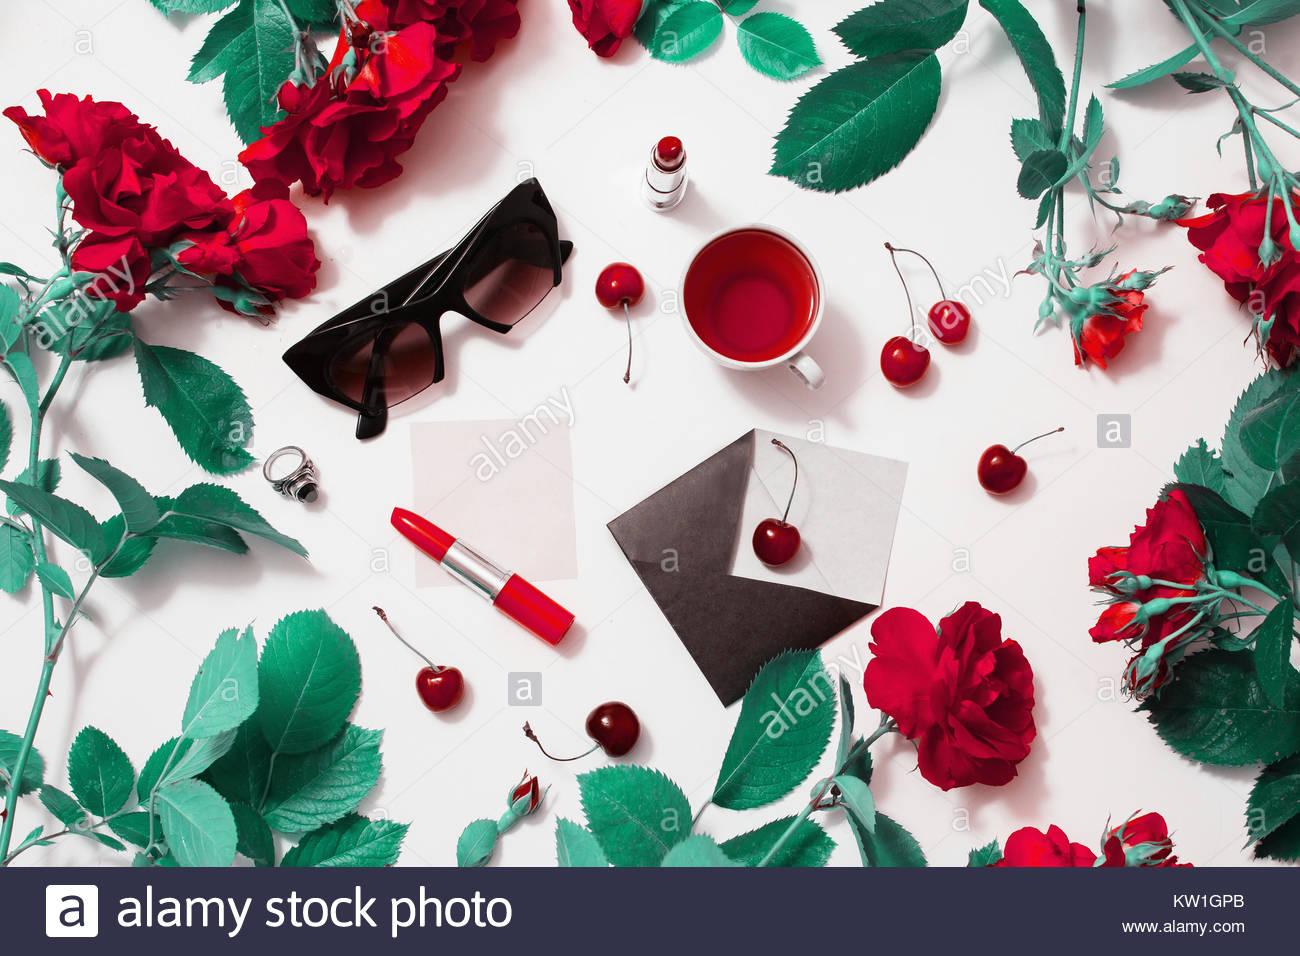 Rahmen der Roten wunderschöne Rosen mit grünen Blättern, lady ...